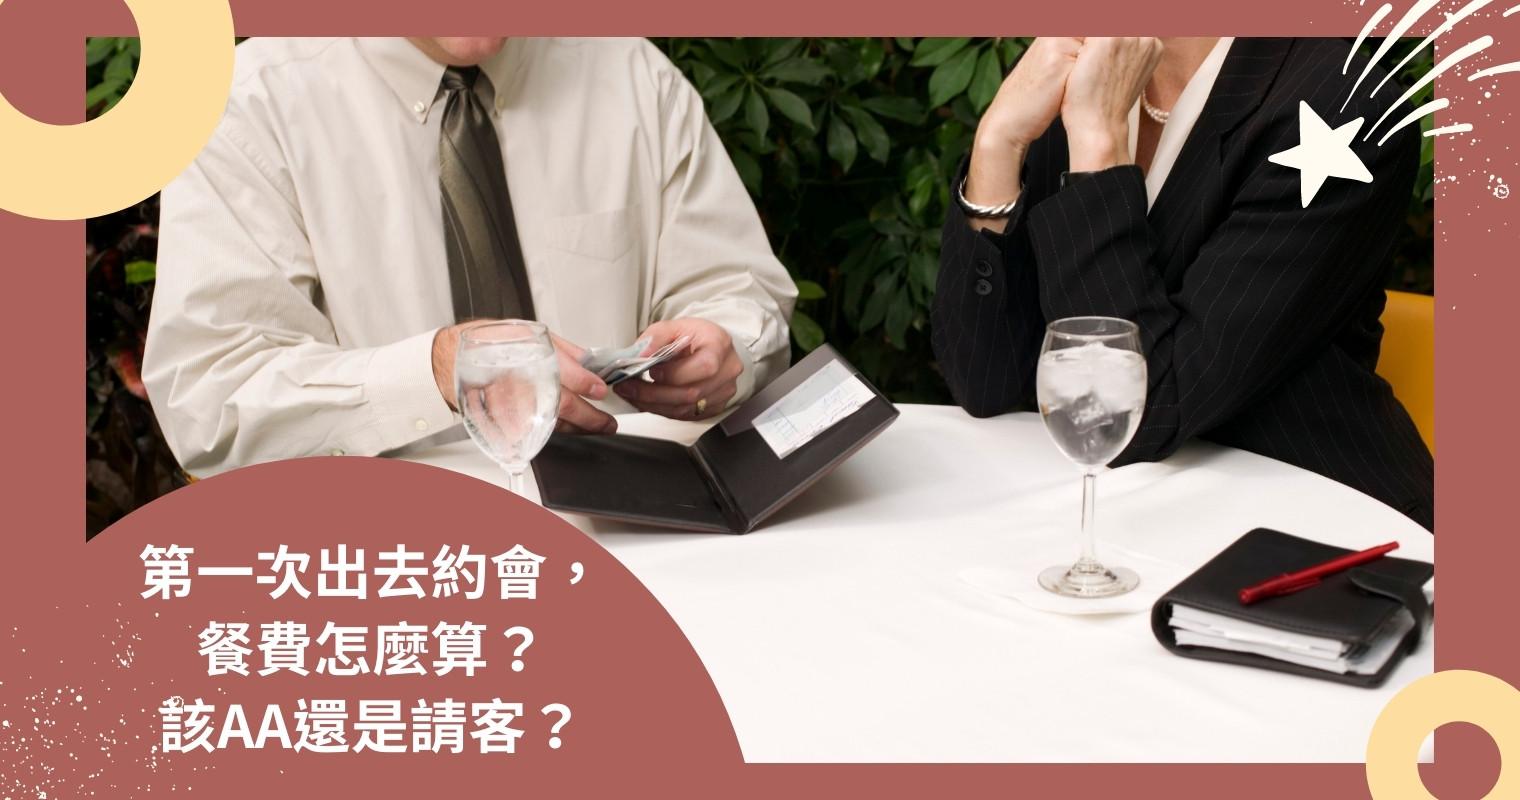 兩性關係   第一次出去約會,餐費怎麼算?該AA還是請客?